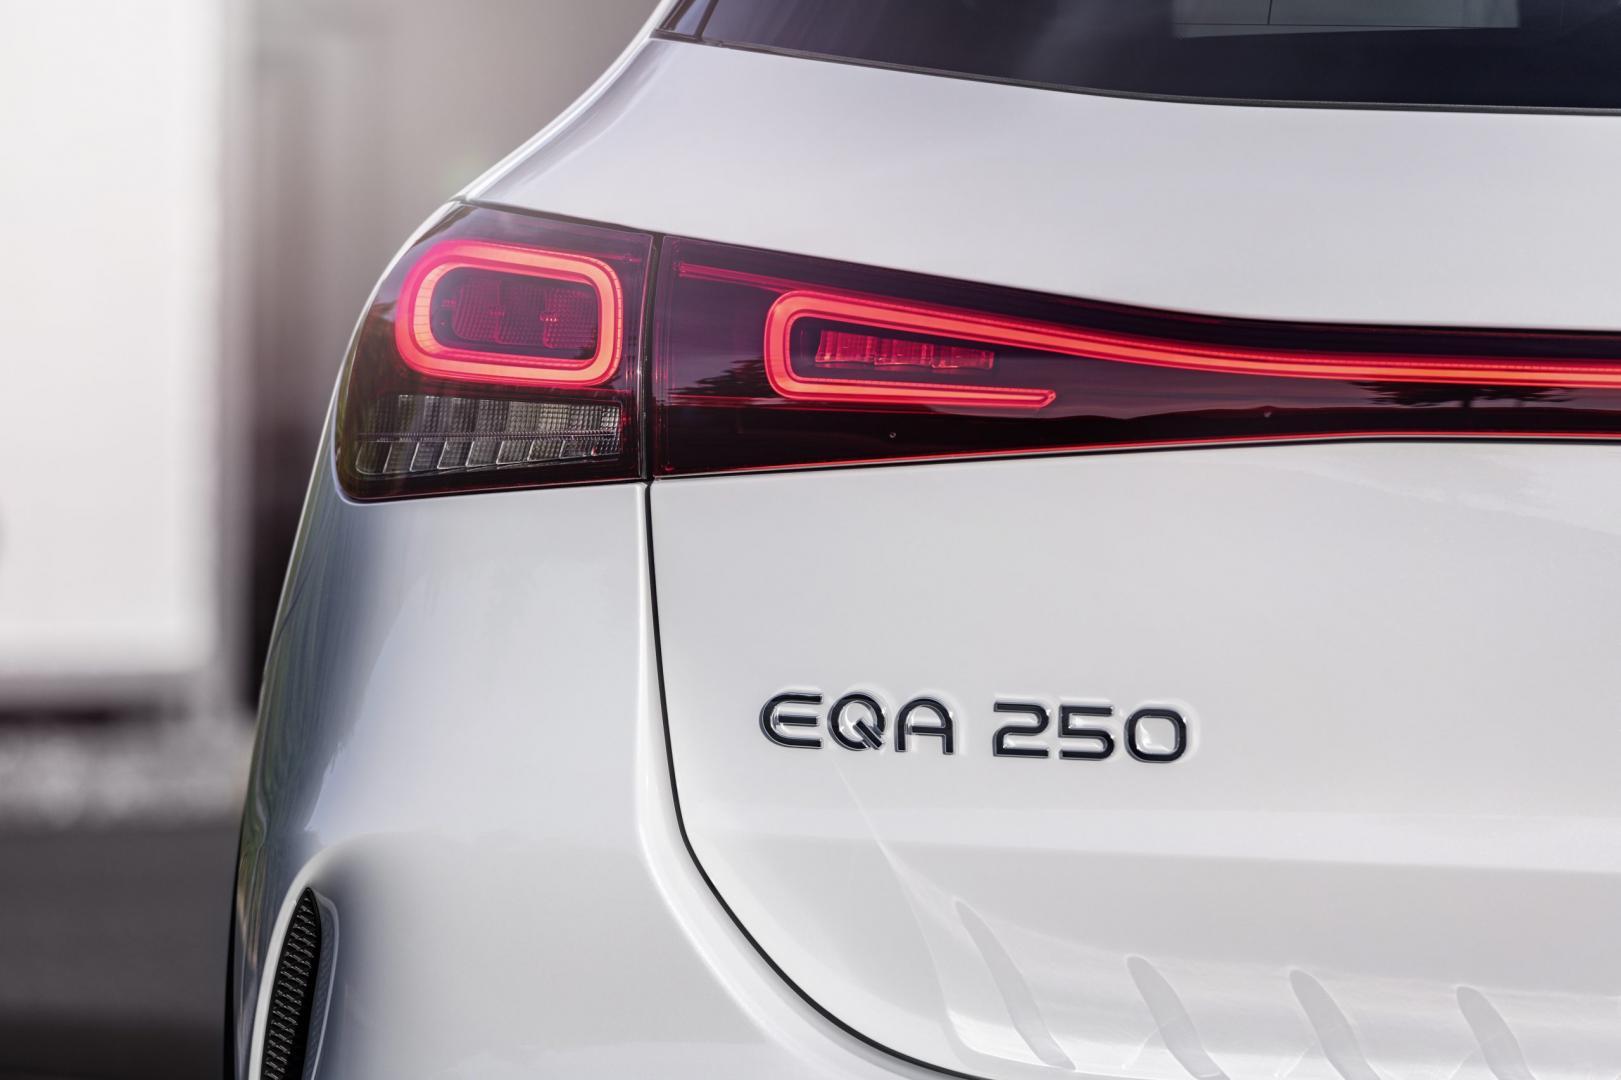 Achterlicht Mercedes EQA 250 (wit)